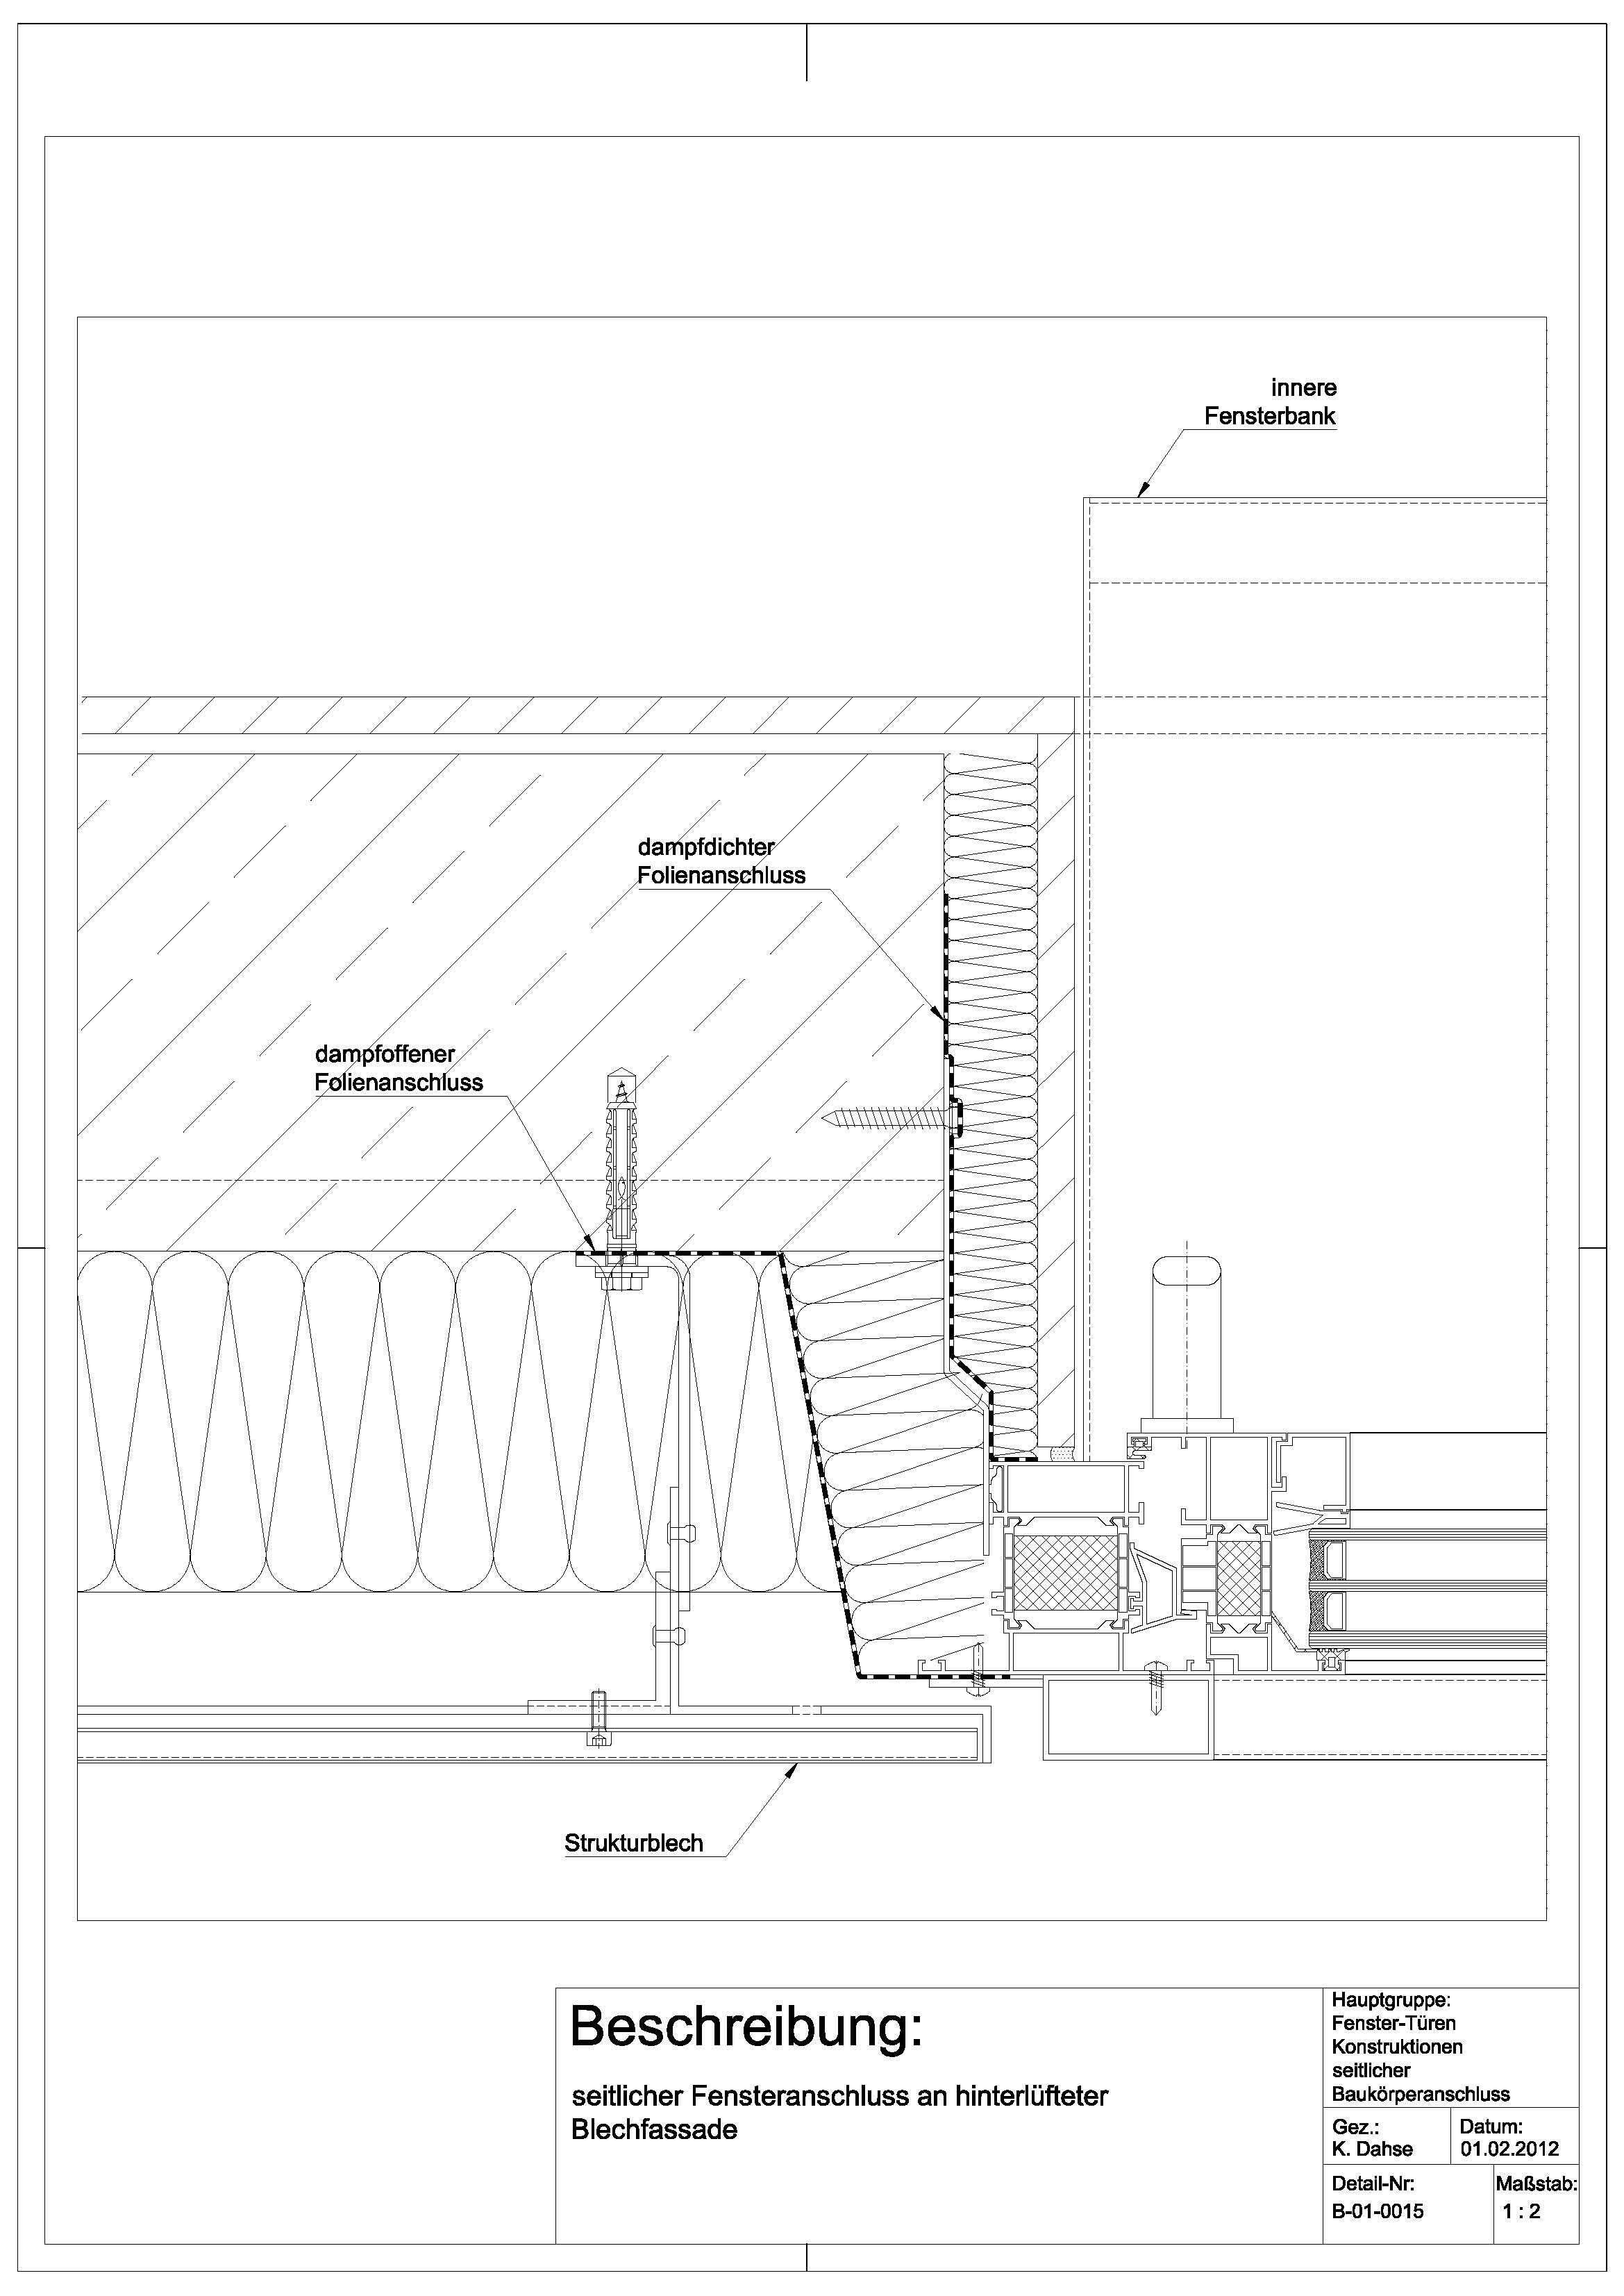 B010015 Fensteranschluss an hinterlüfteter Blechfassade